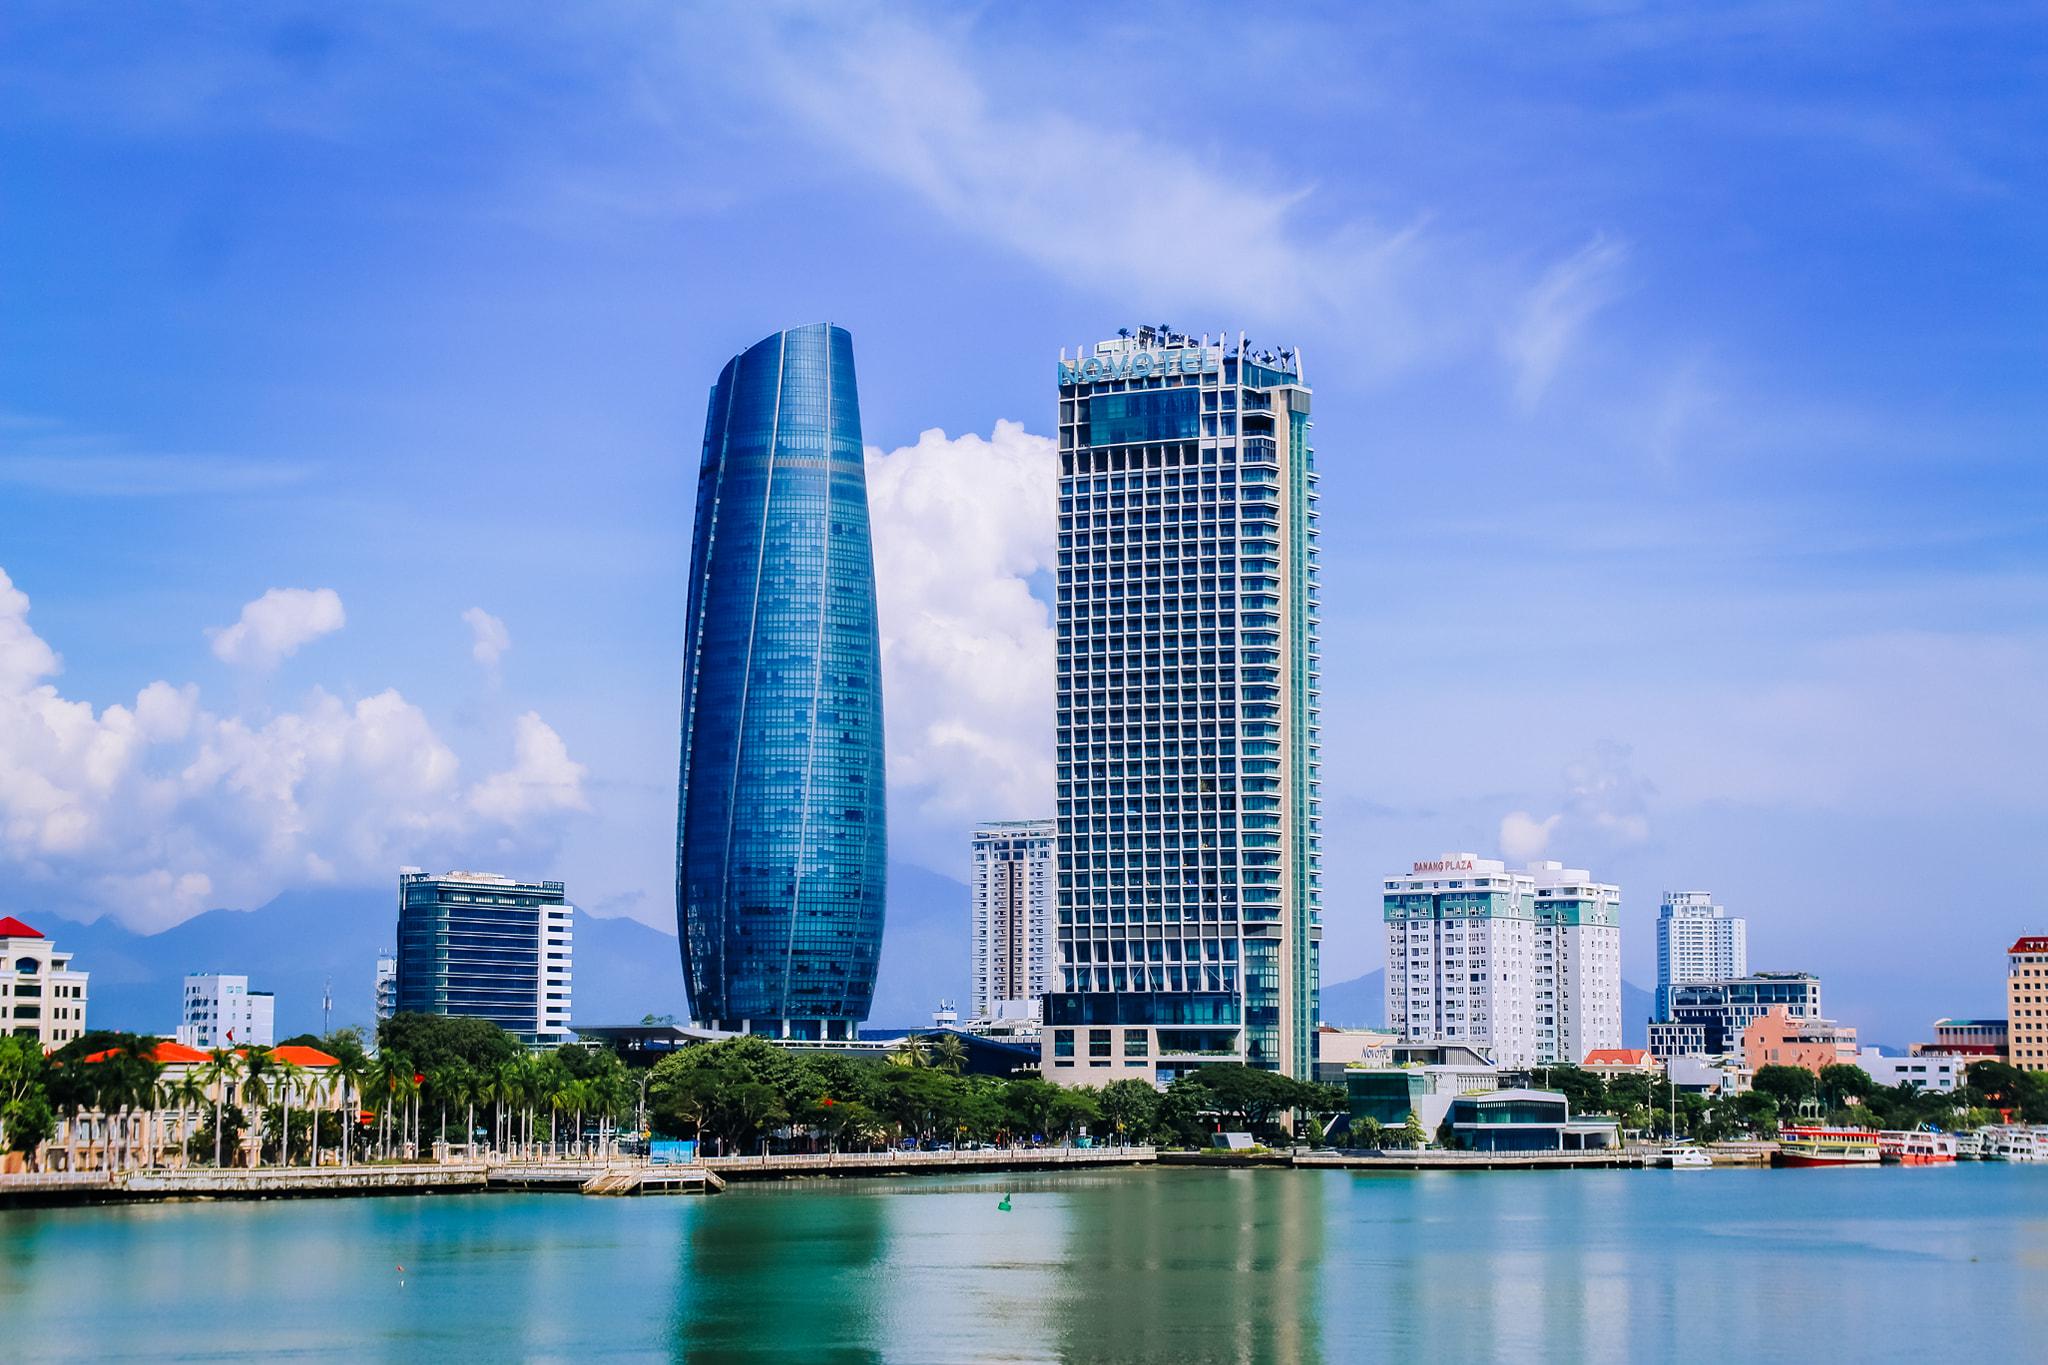 Trung tâm hành chính công Đà Nẵng